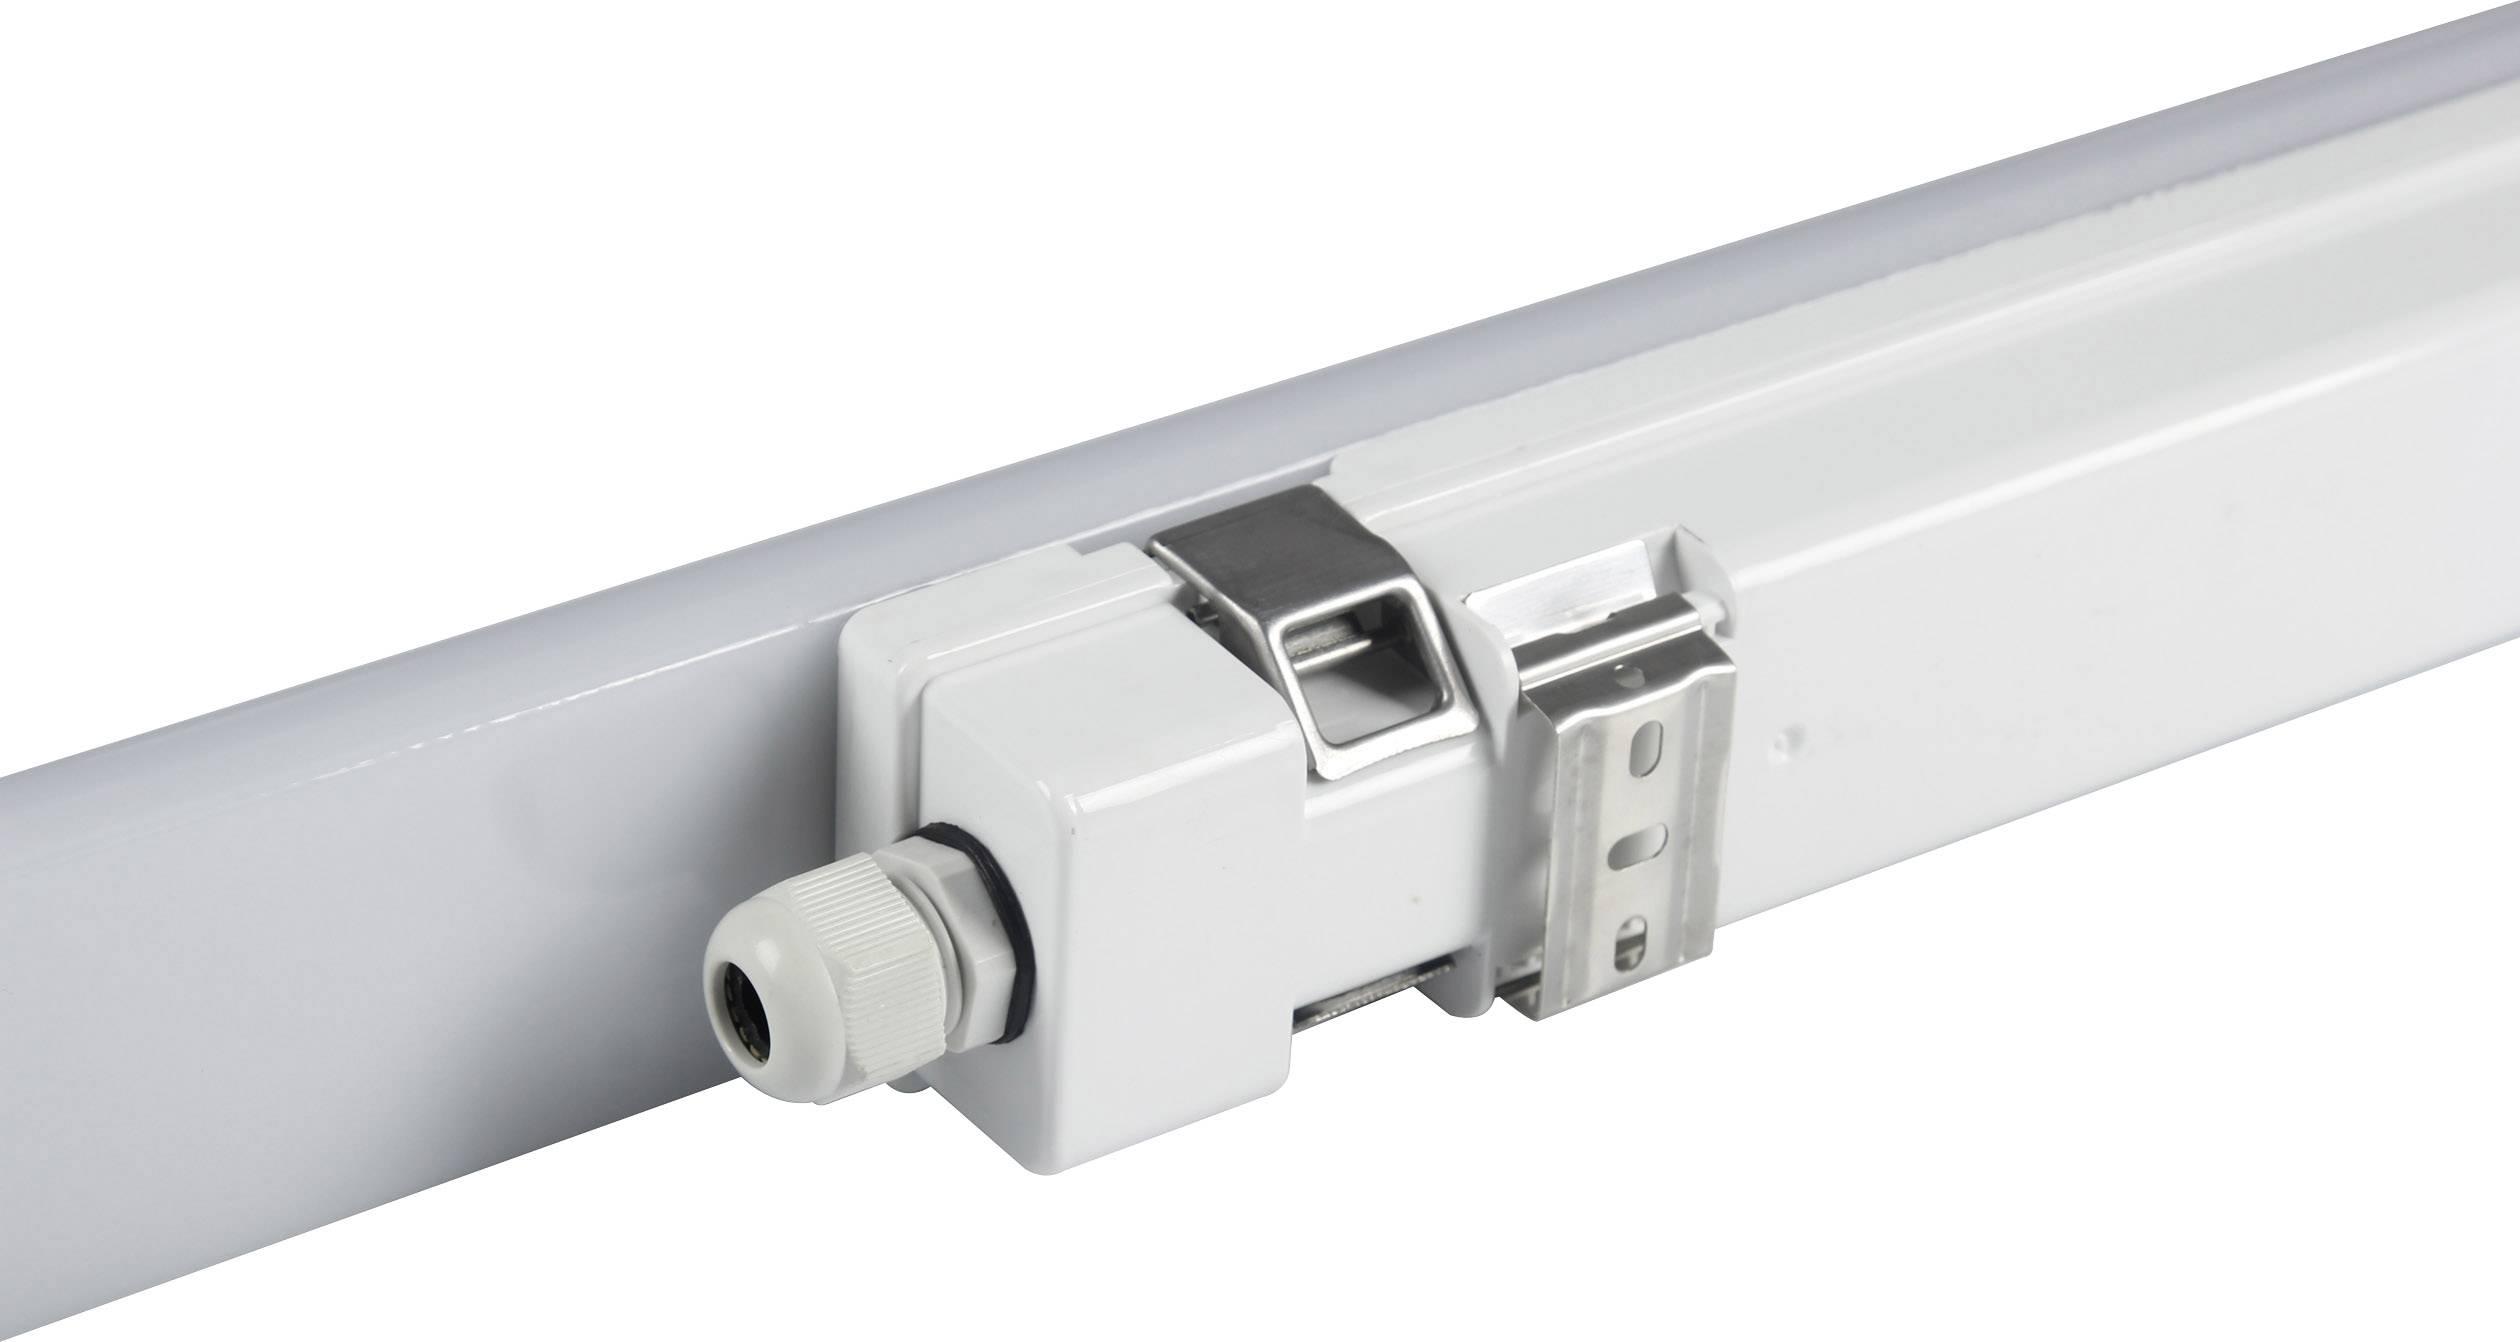 Plafoniera Con Sensore Di Movimento : Müller licht aquafix plafoniera led impermeabile con rilevatore di